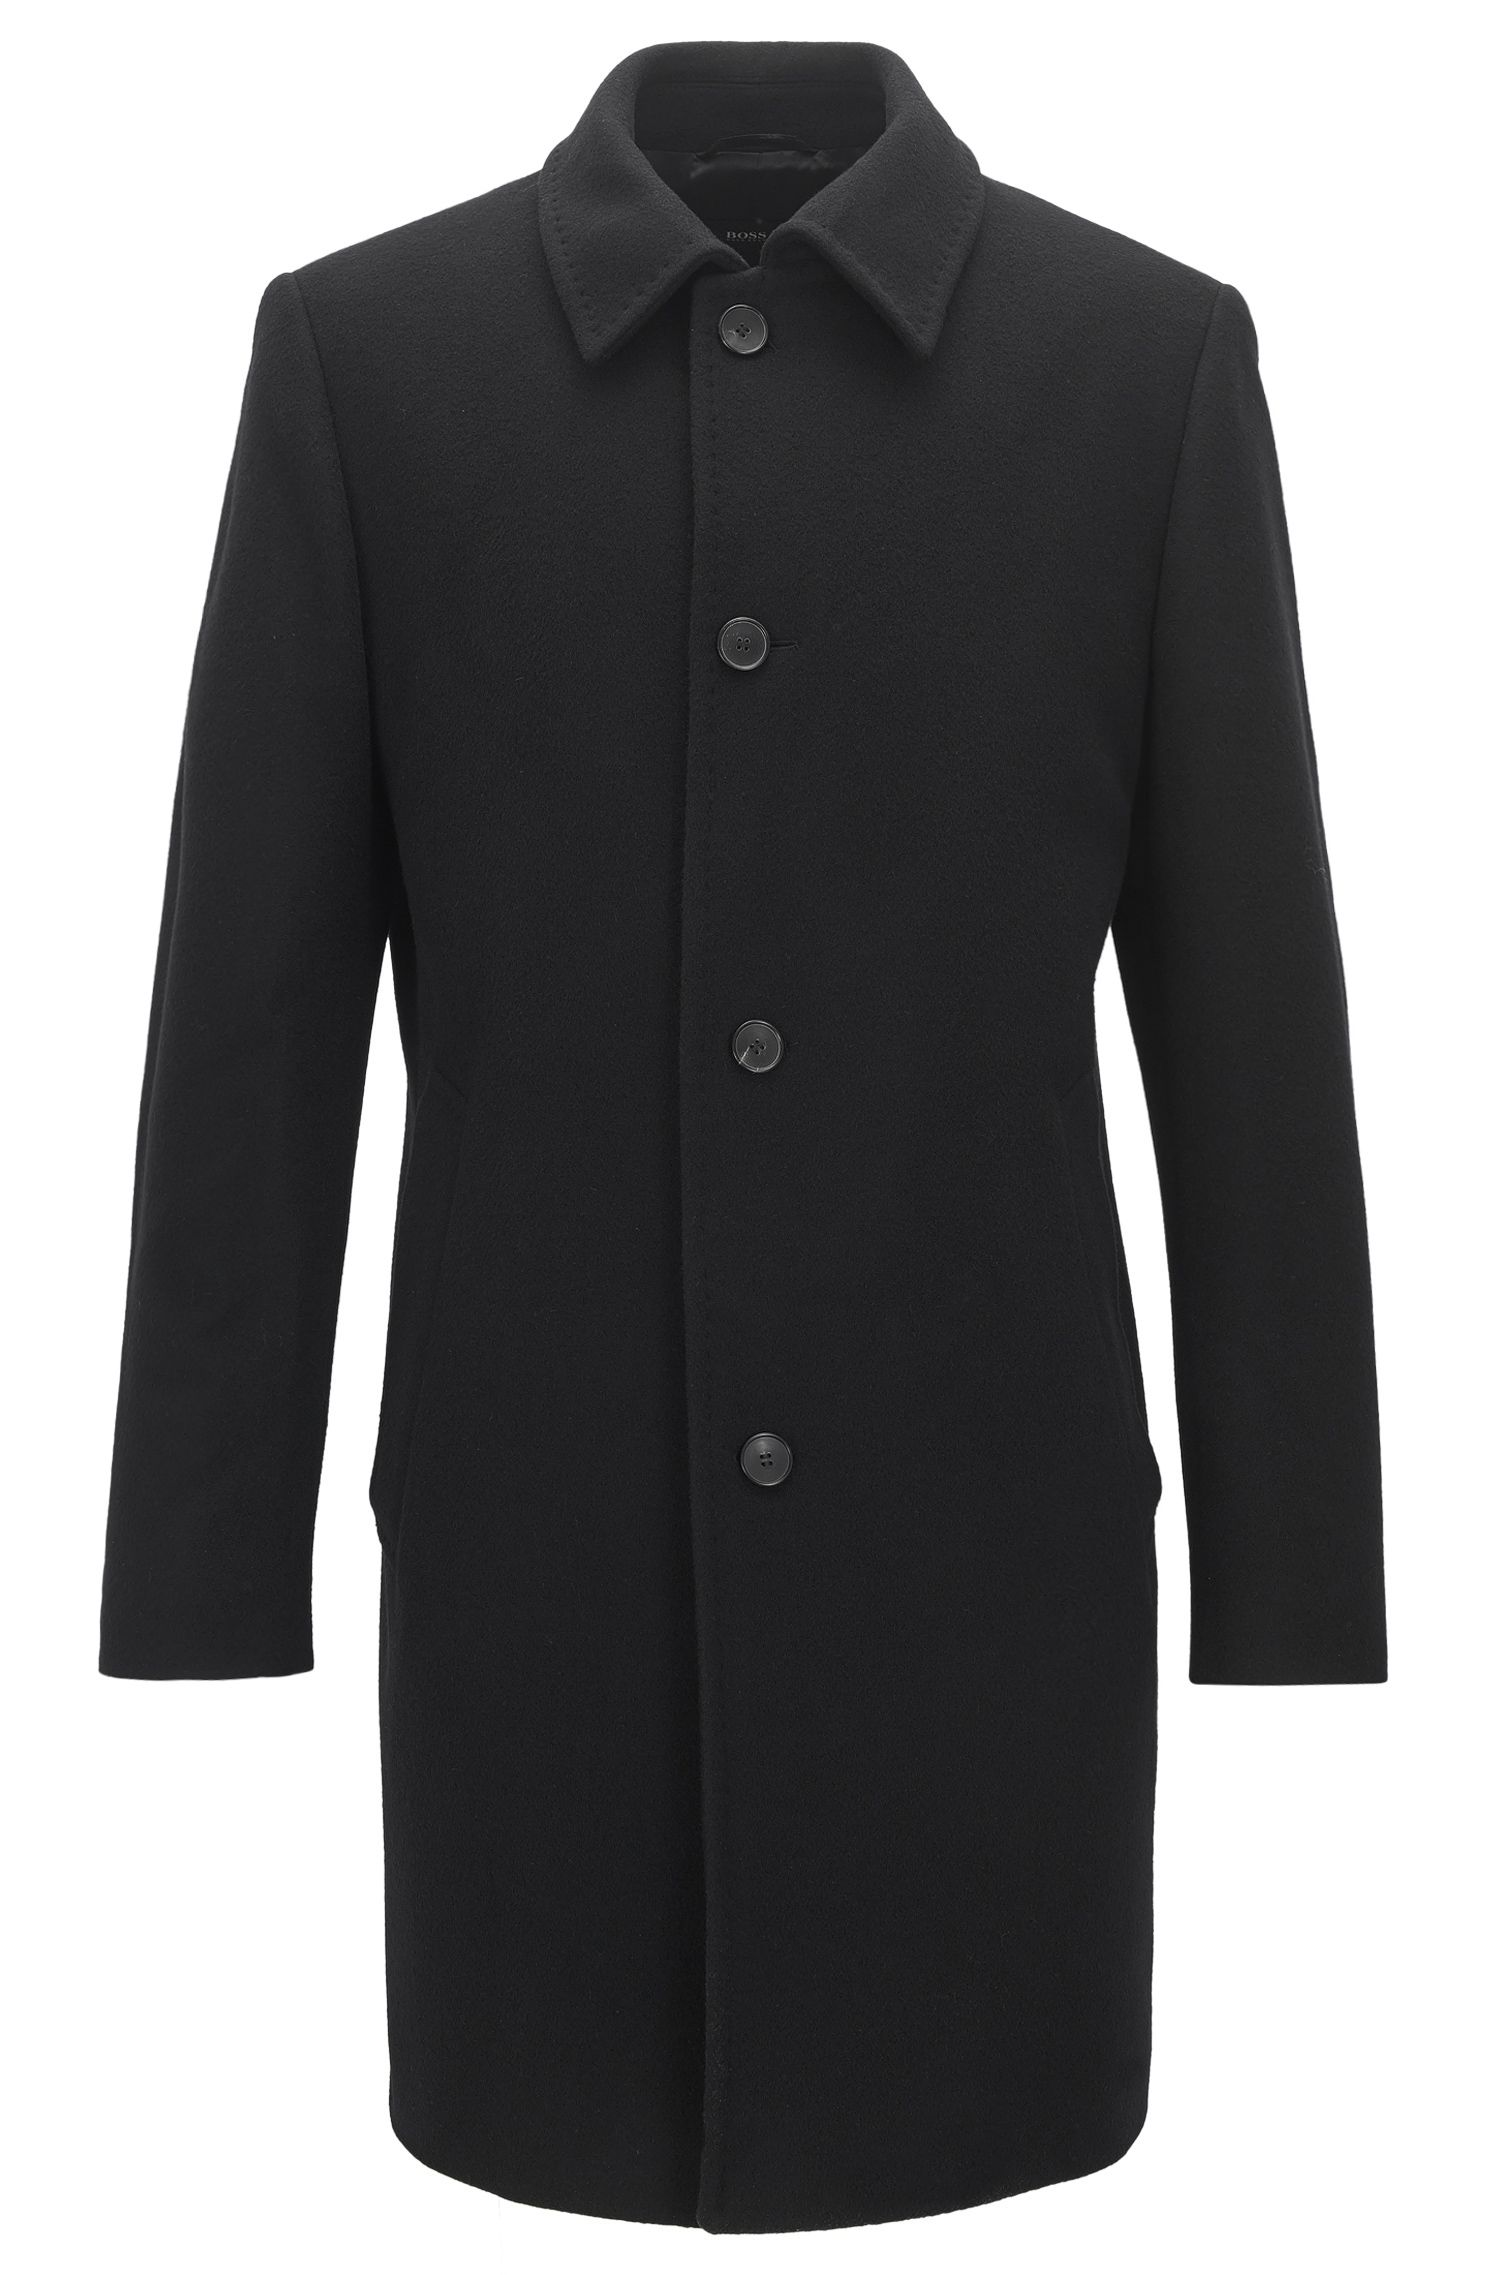 Mantel aus Woll-Mix mit Knopfleiste